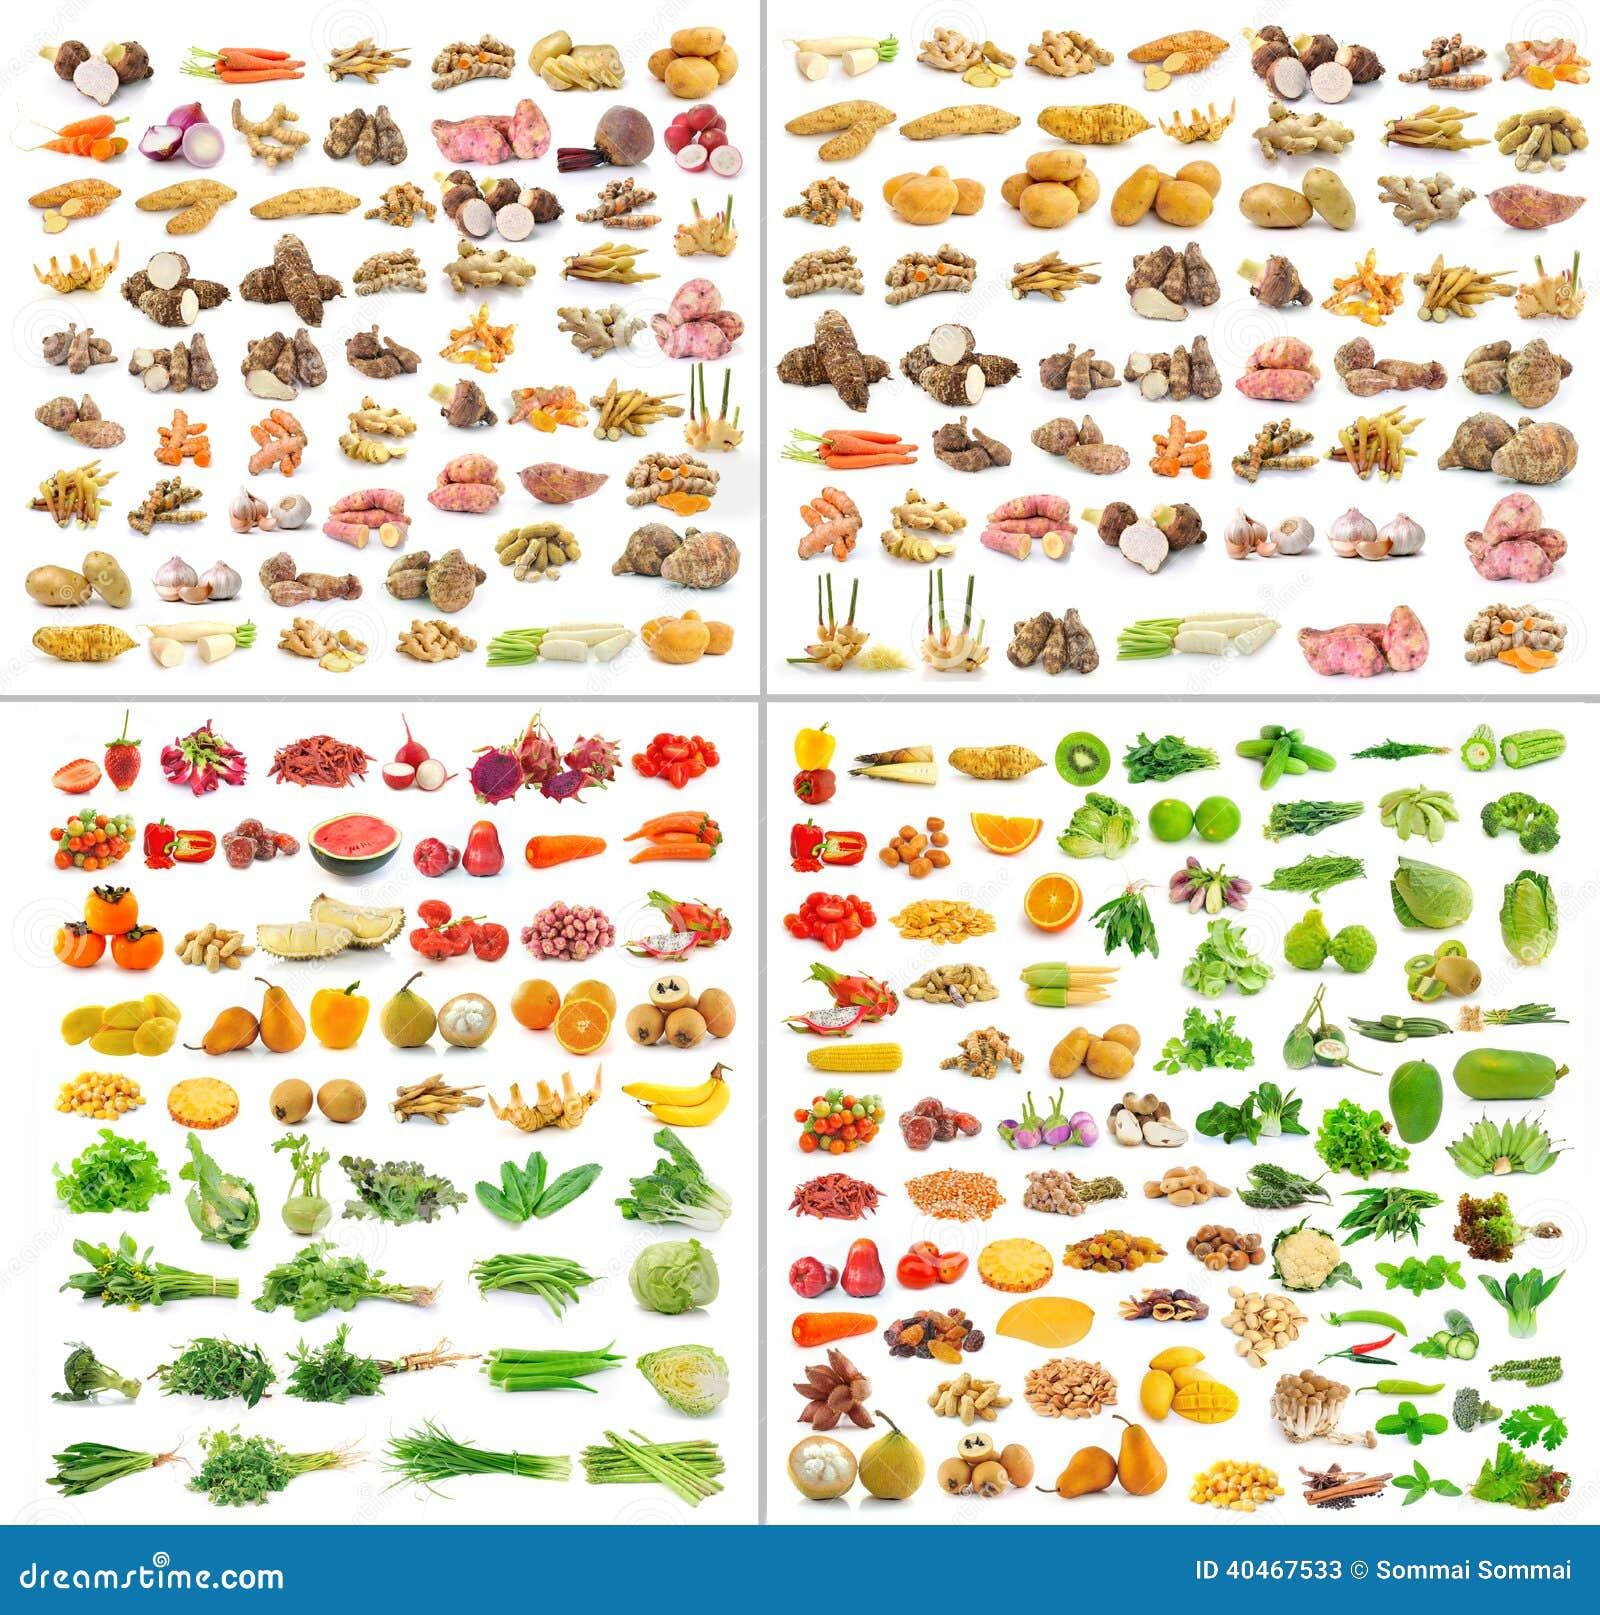 Собрание изолированных фруктов и овощей